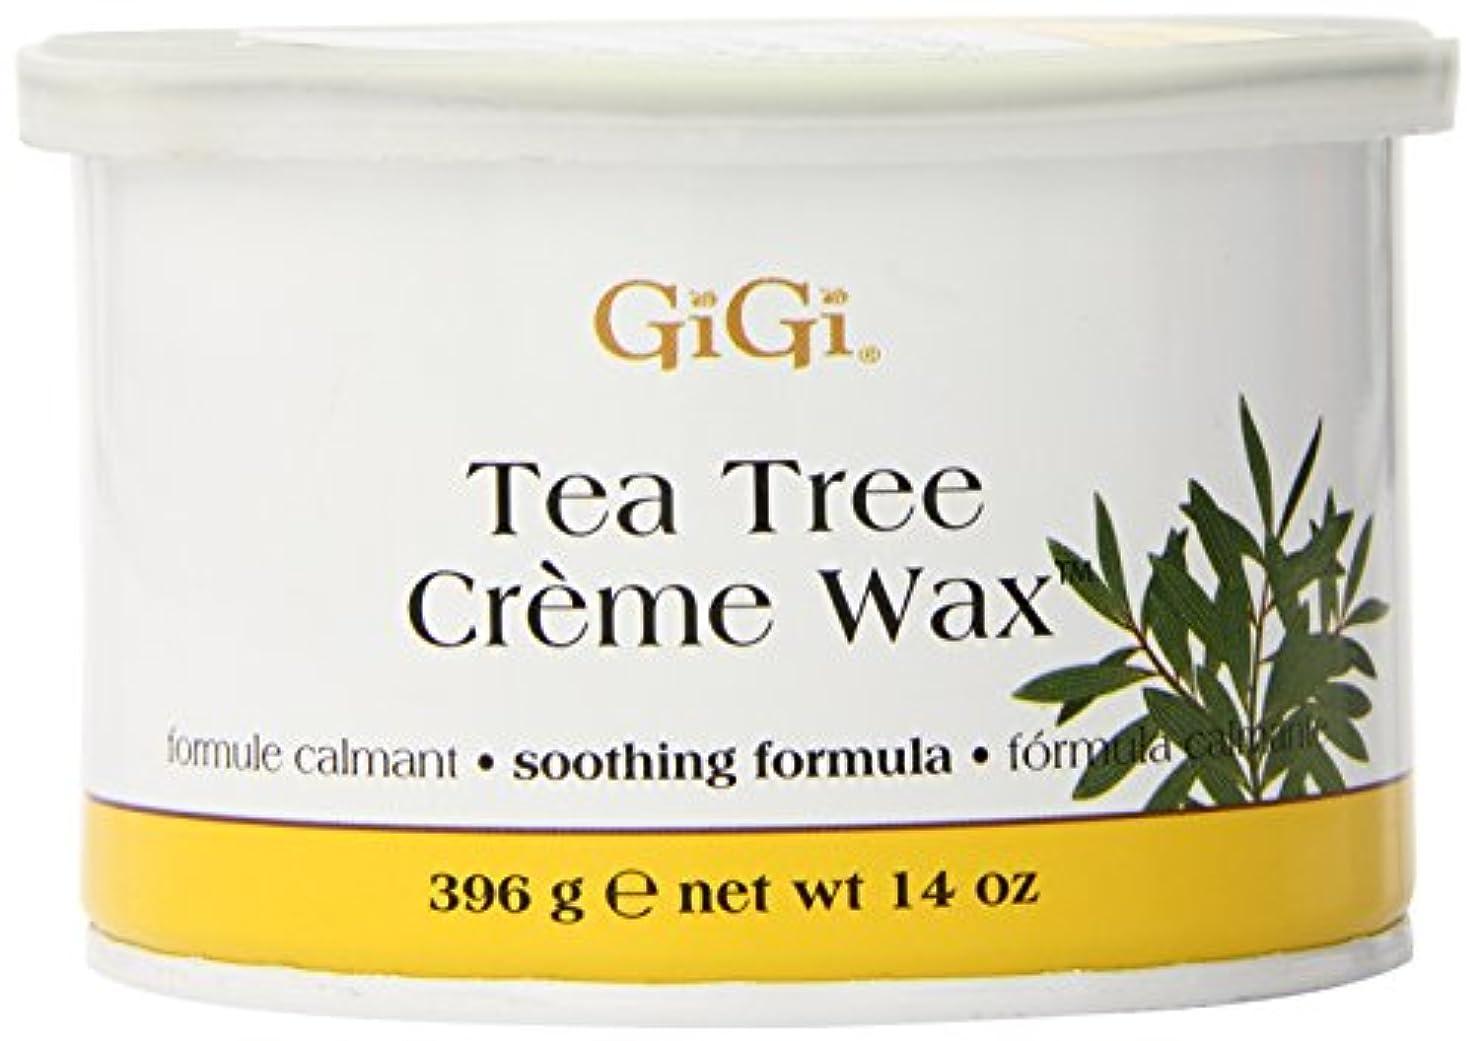 インターネット出演者コンピューターを使用するGiGi Tea Tree Cream Wax A Soothing Hair Removal Formula 396g